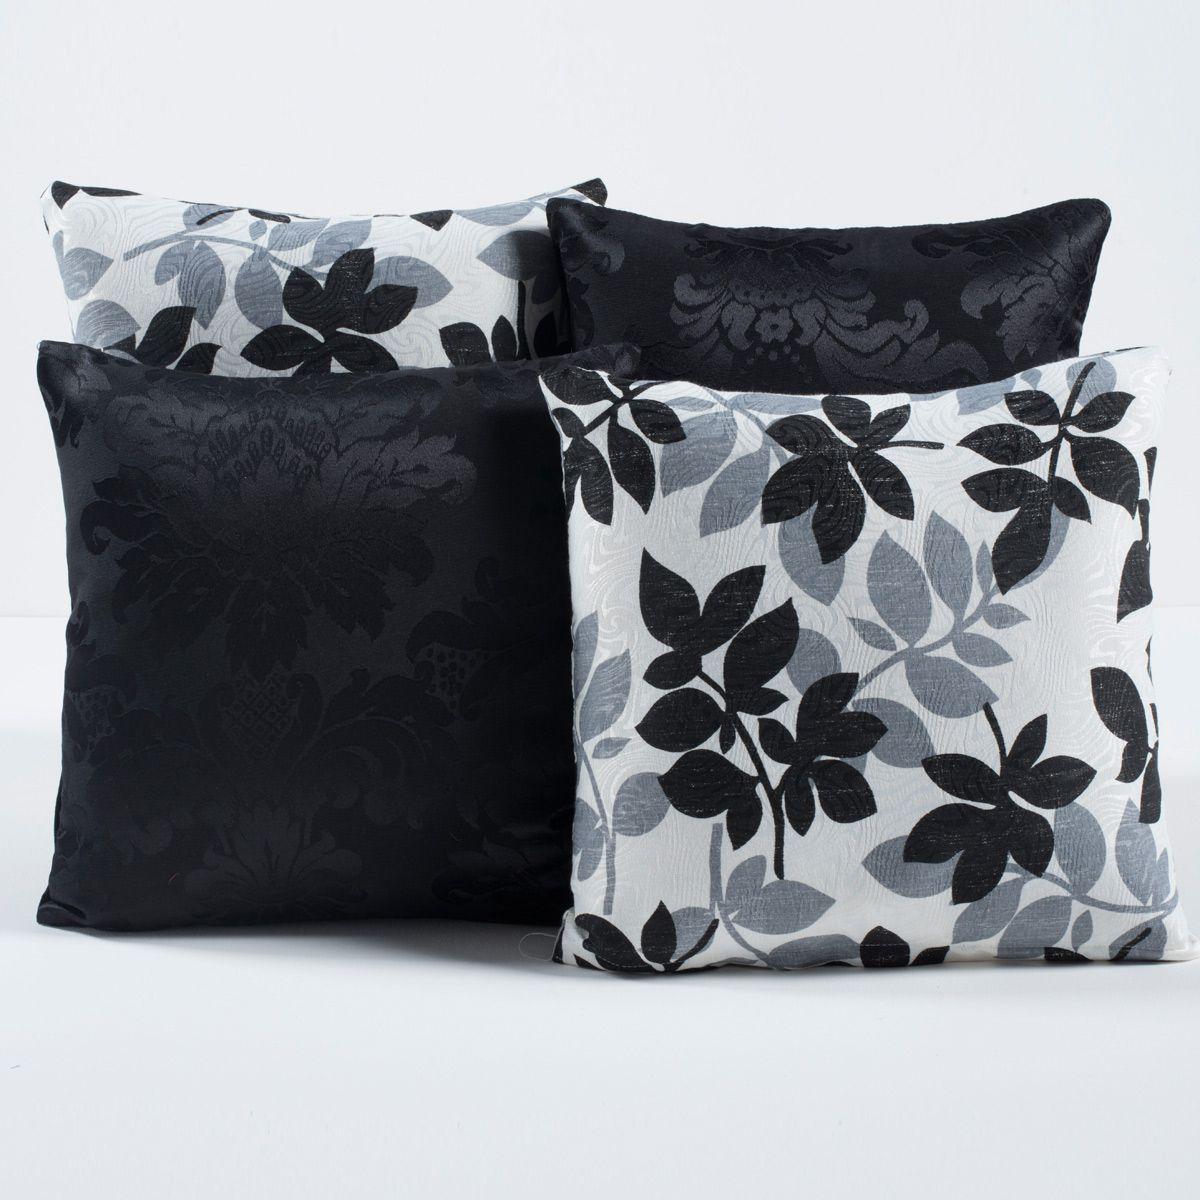 Kit Cobre Leito c/ 4 Almofadas Cheias Dual Color Preto/Branco Floral Dupla Face Casal Padrão 07 Peças